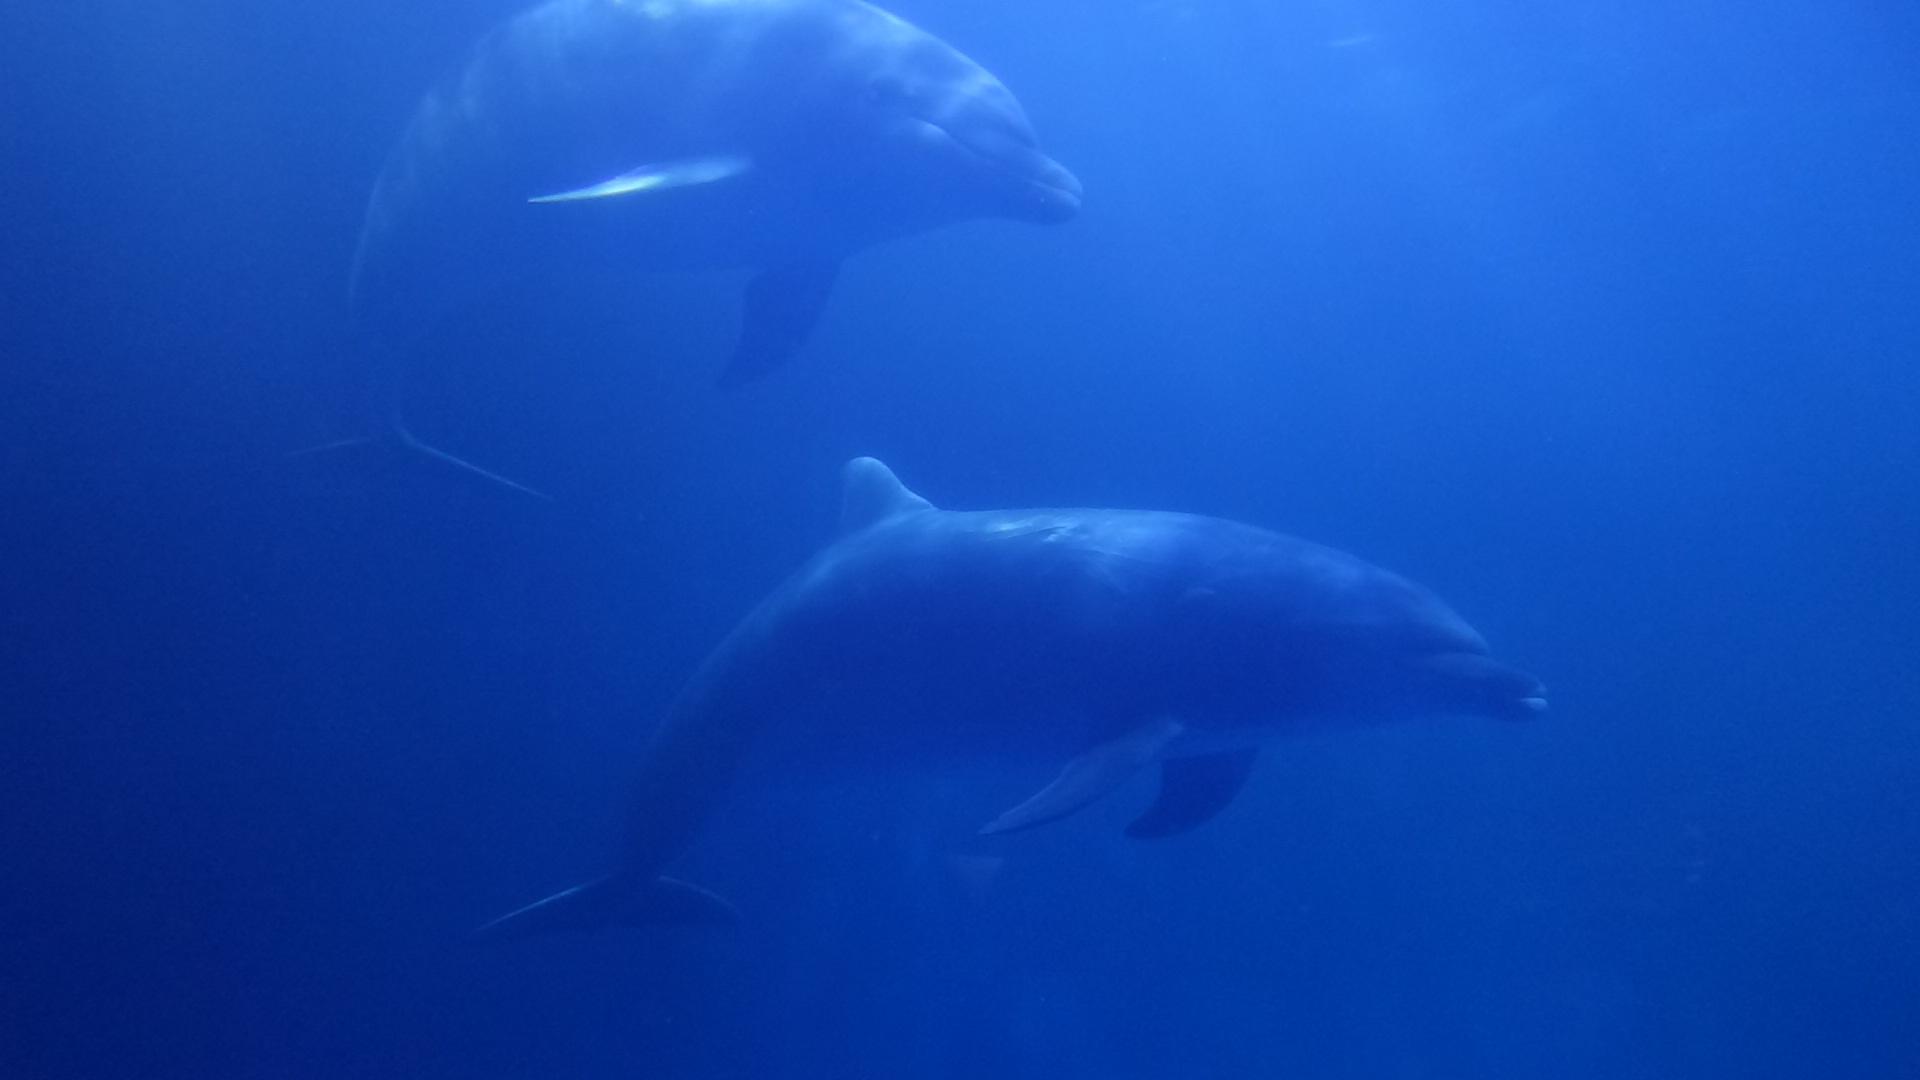 壁纸 海底 海底世界 海洋馆 水族馆 桌面 1920_1080